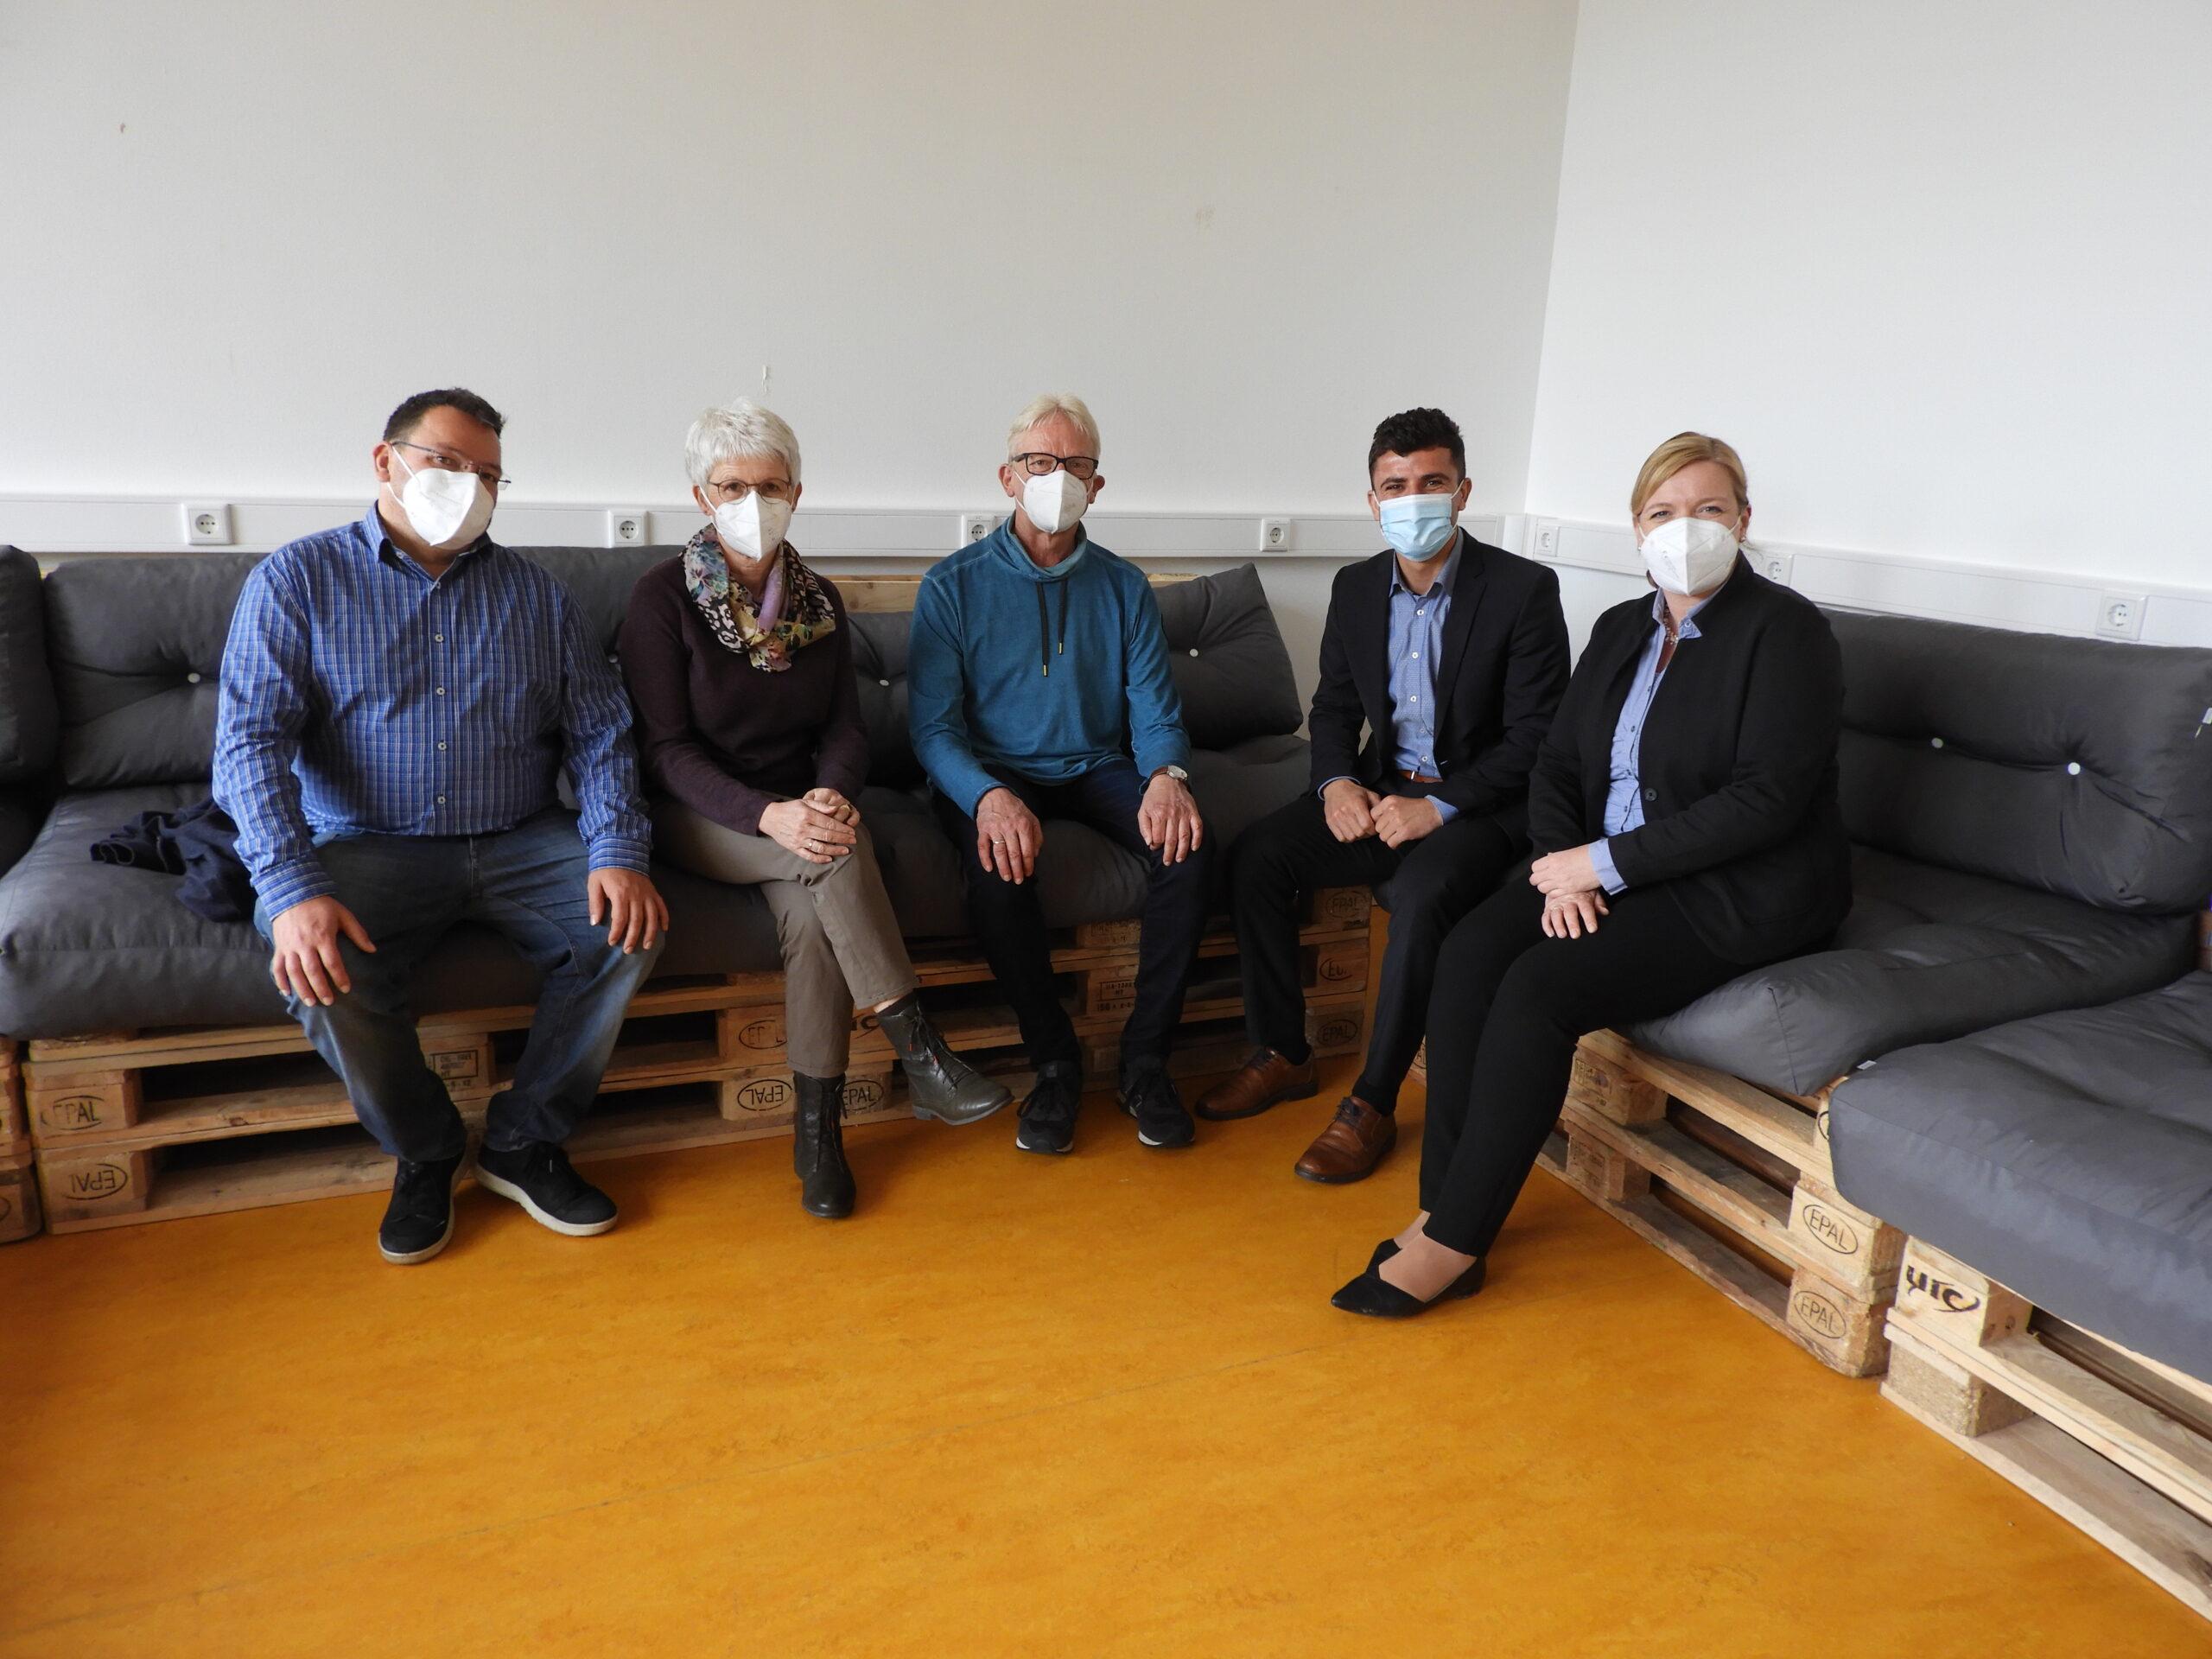 Probe-Sitzen: (v.l.) Sebastian Brandherm (Leiter der Oberstufe), Ellen Wilms (Didaktische Leiterin), Detlev Jung-Clever (Vorsitzender Förderverein), Mugdad Ismail und Anne Trepmann (beide Sparkasse Westmünsterland).